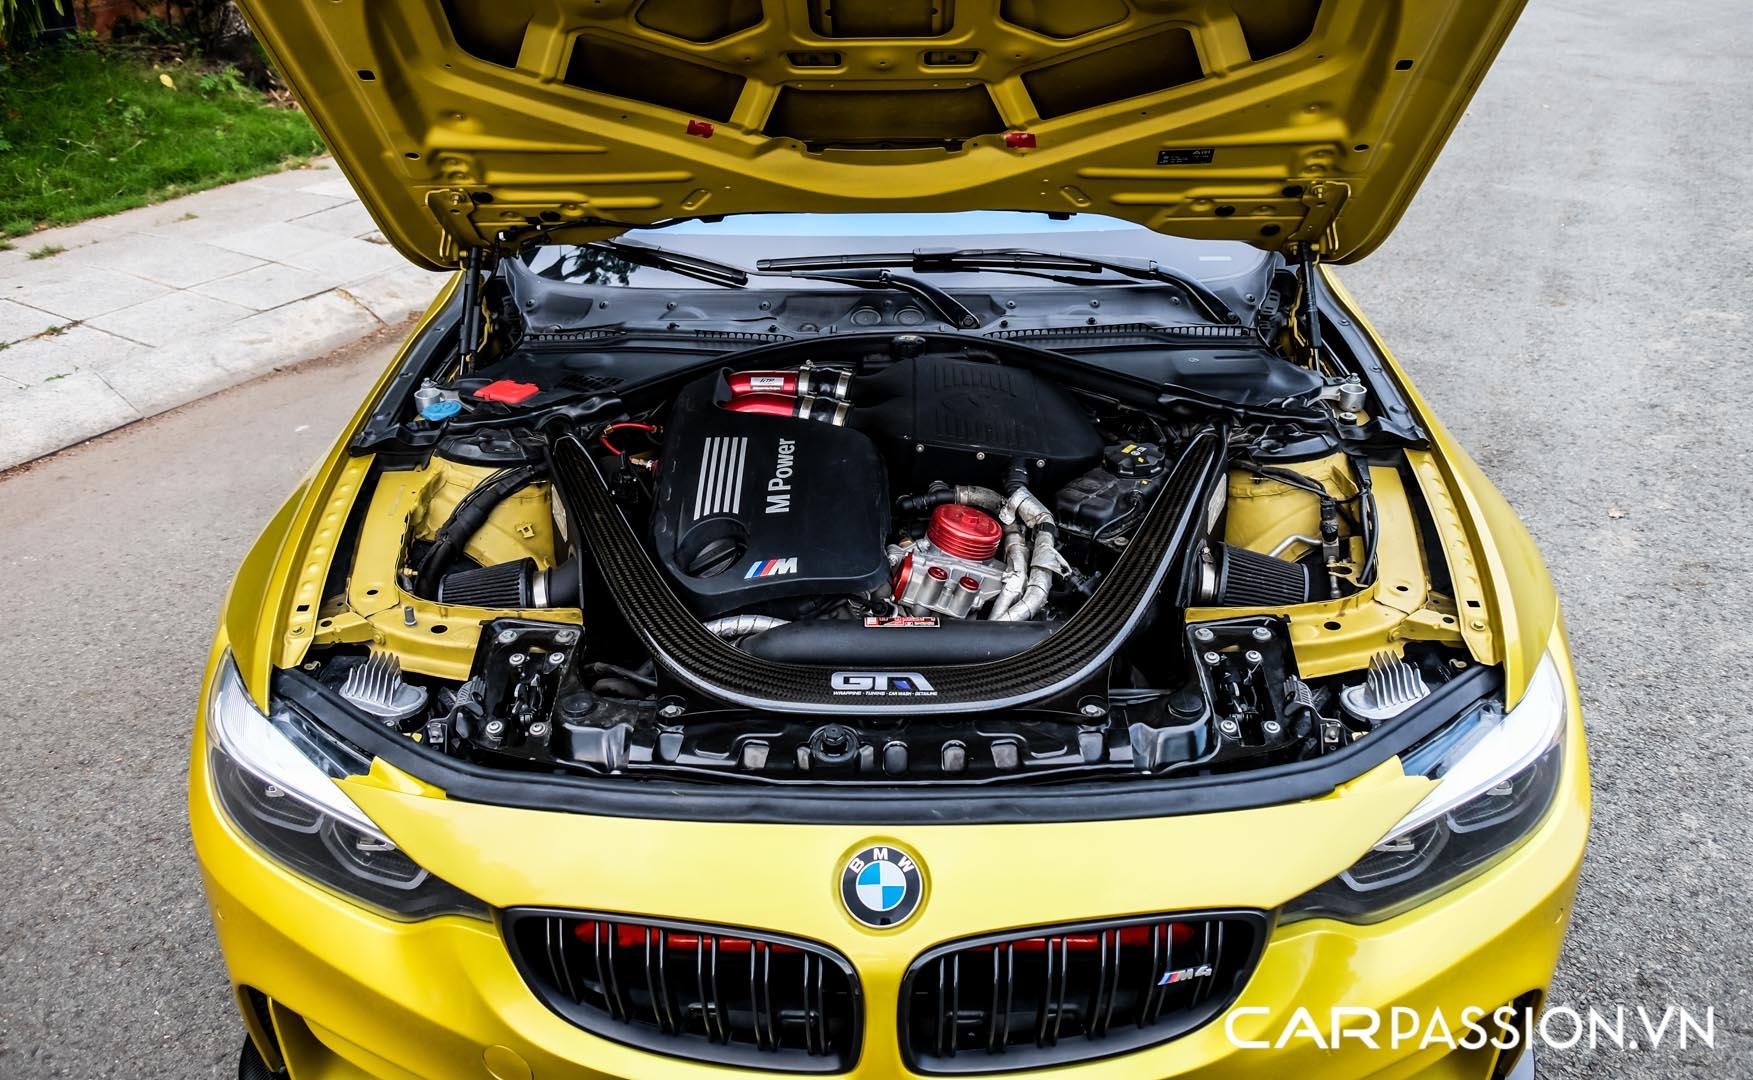 CP-BMW M4 F8 được rao bán (52).jpg